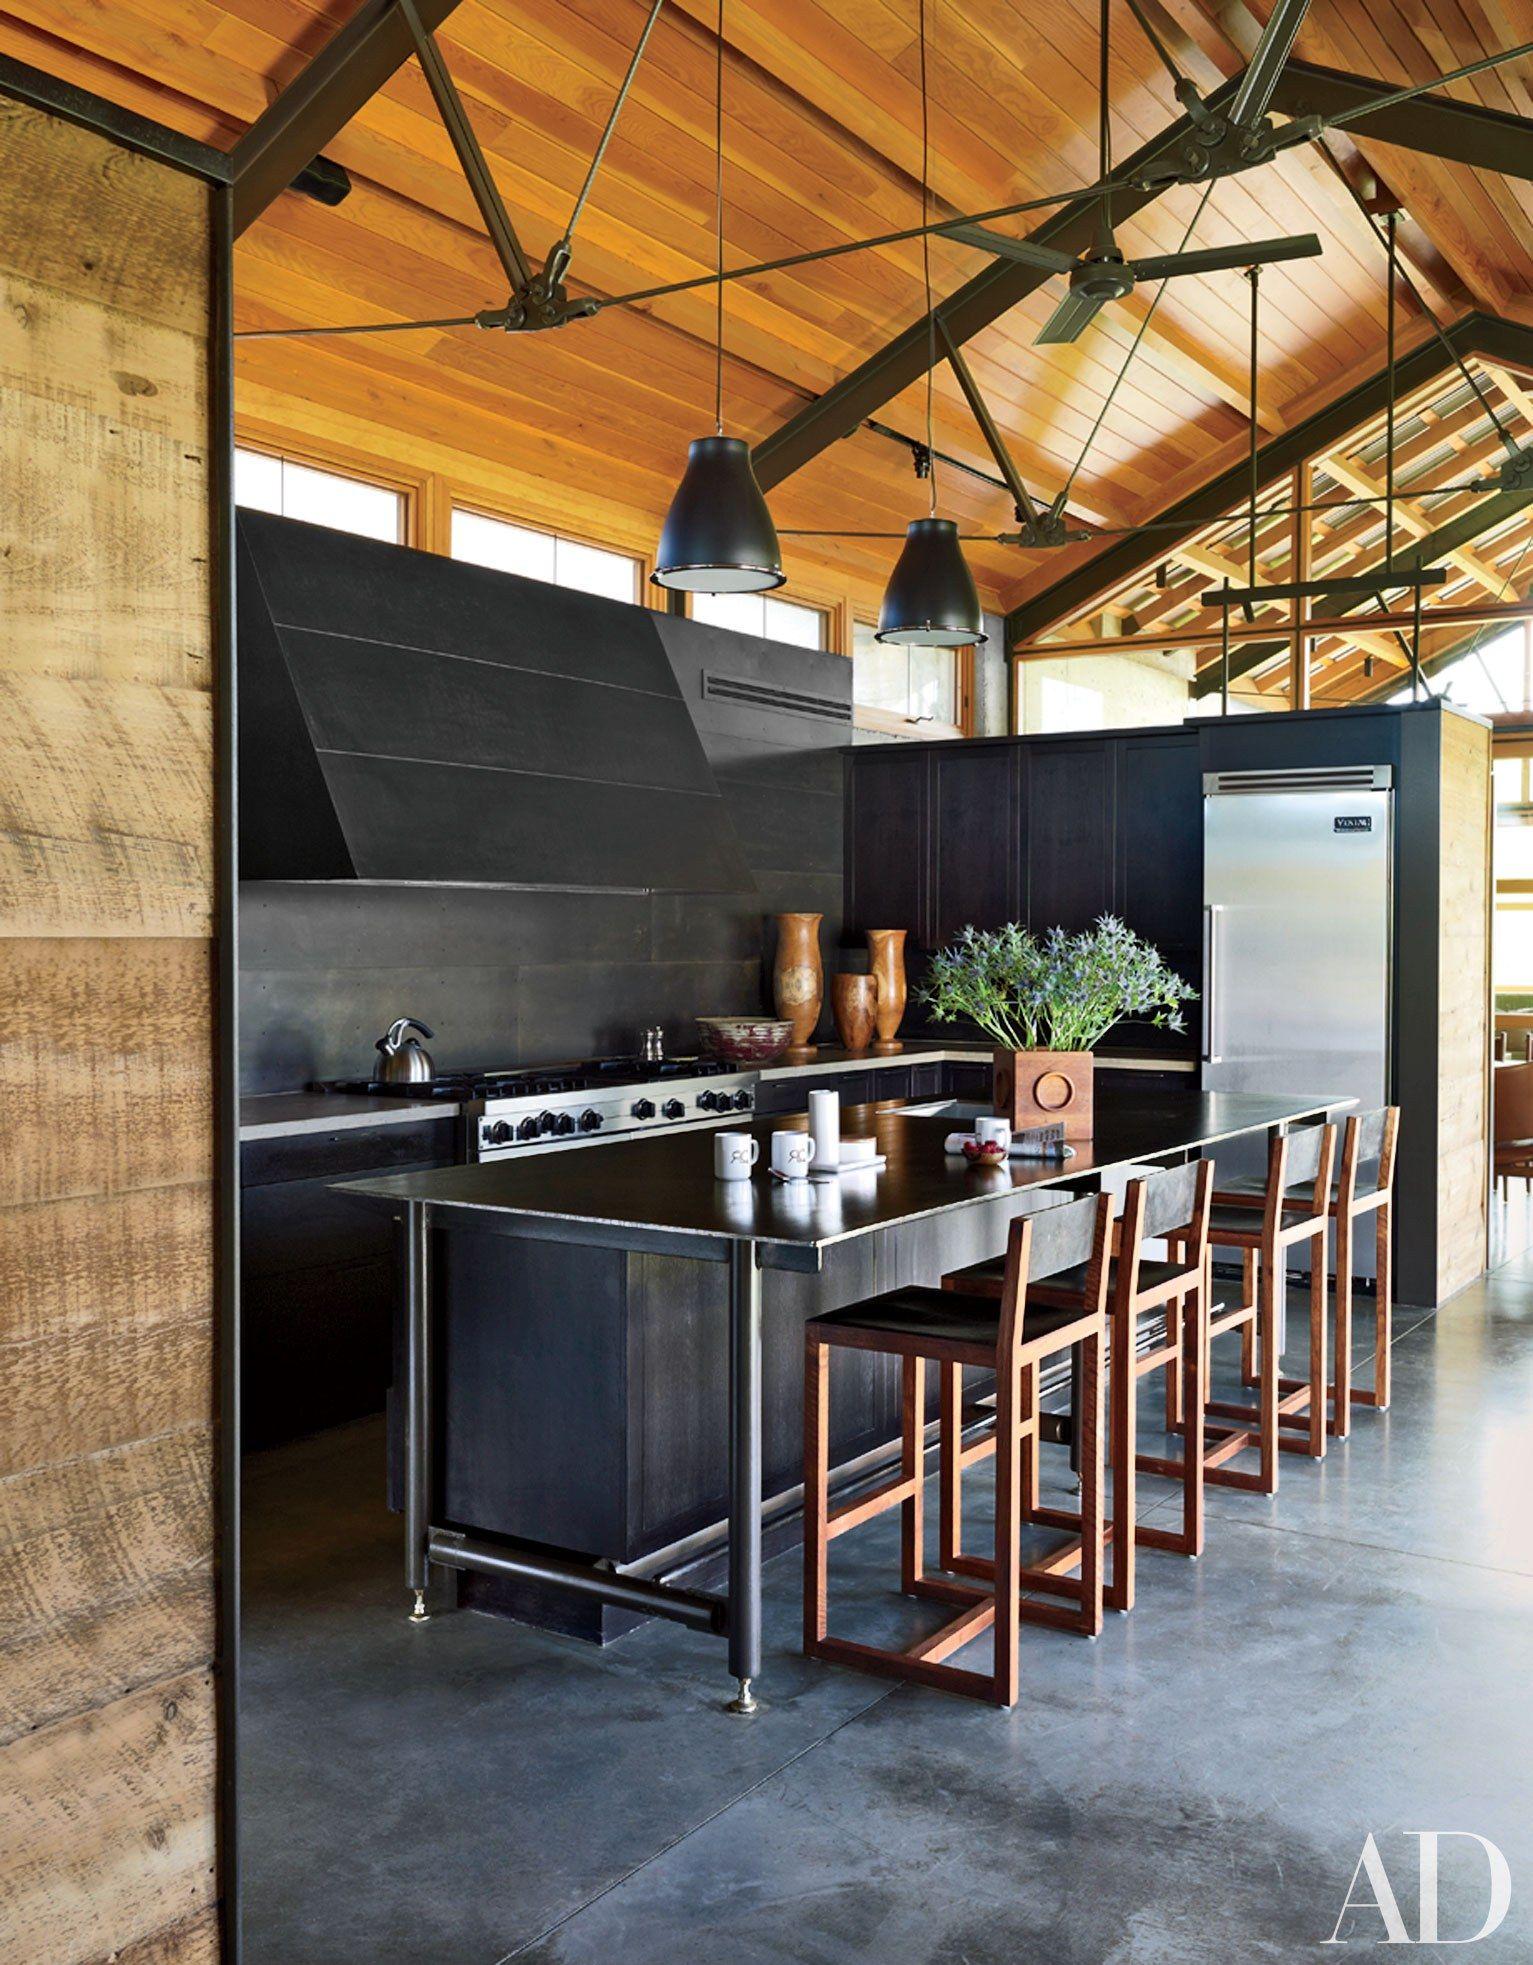 Modern Kitchen Images Architectural Digest 19 family-friendly kitchen design ideas | kitchen breakfast nooks